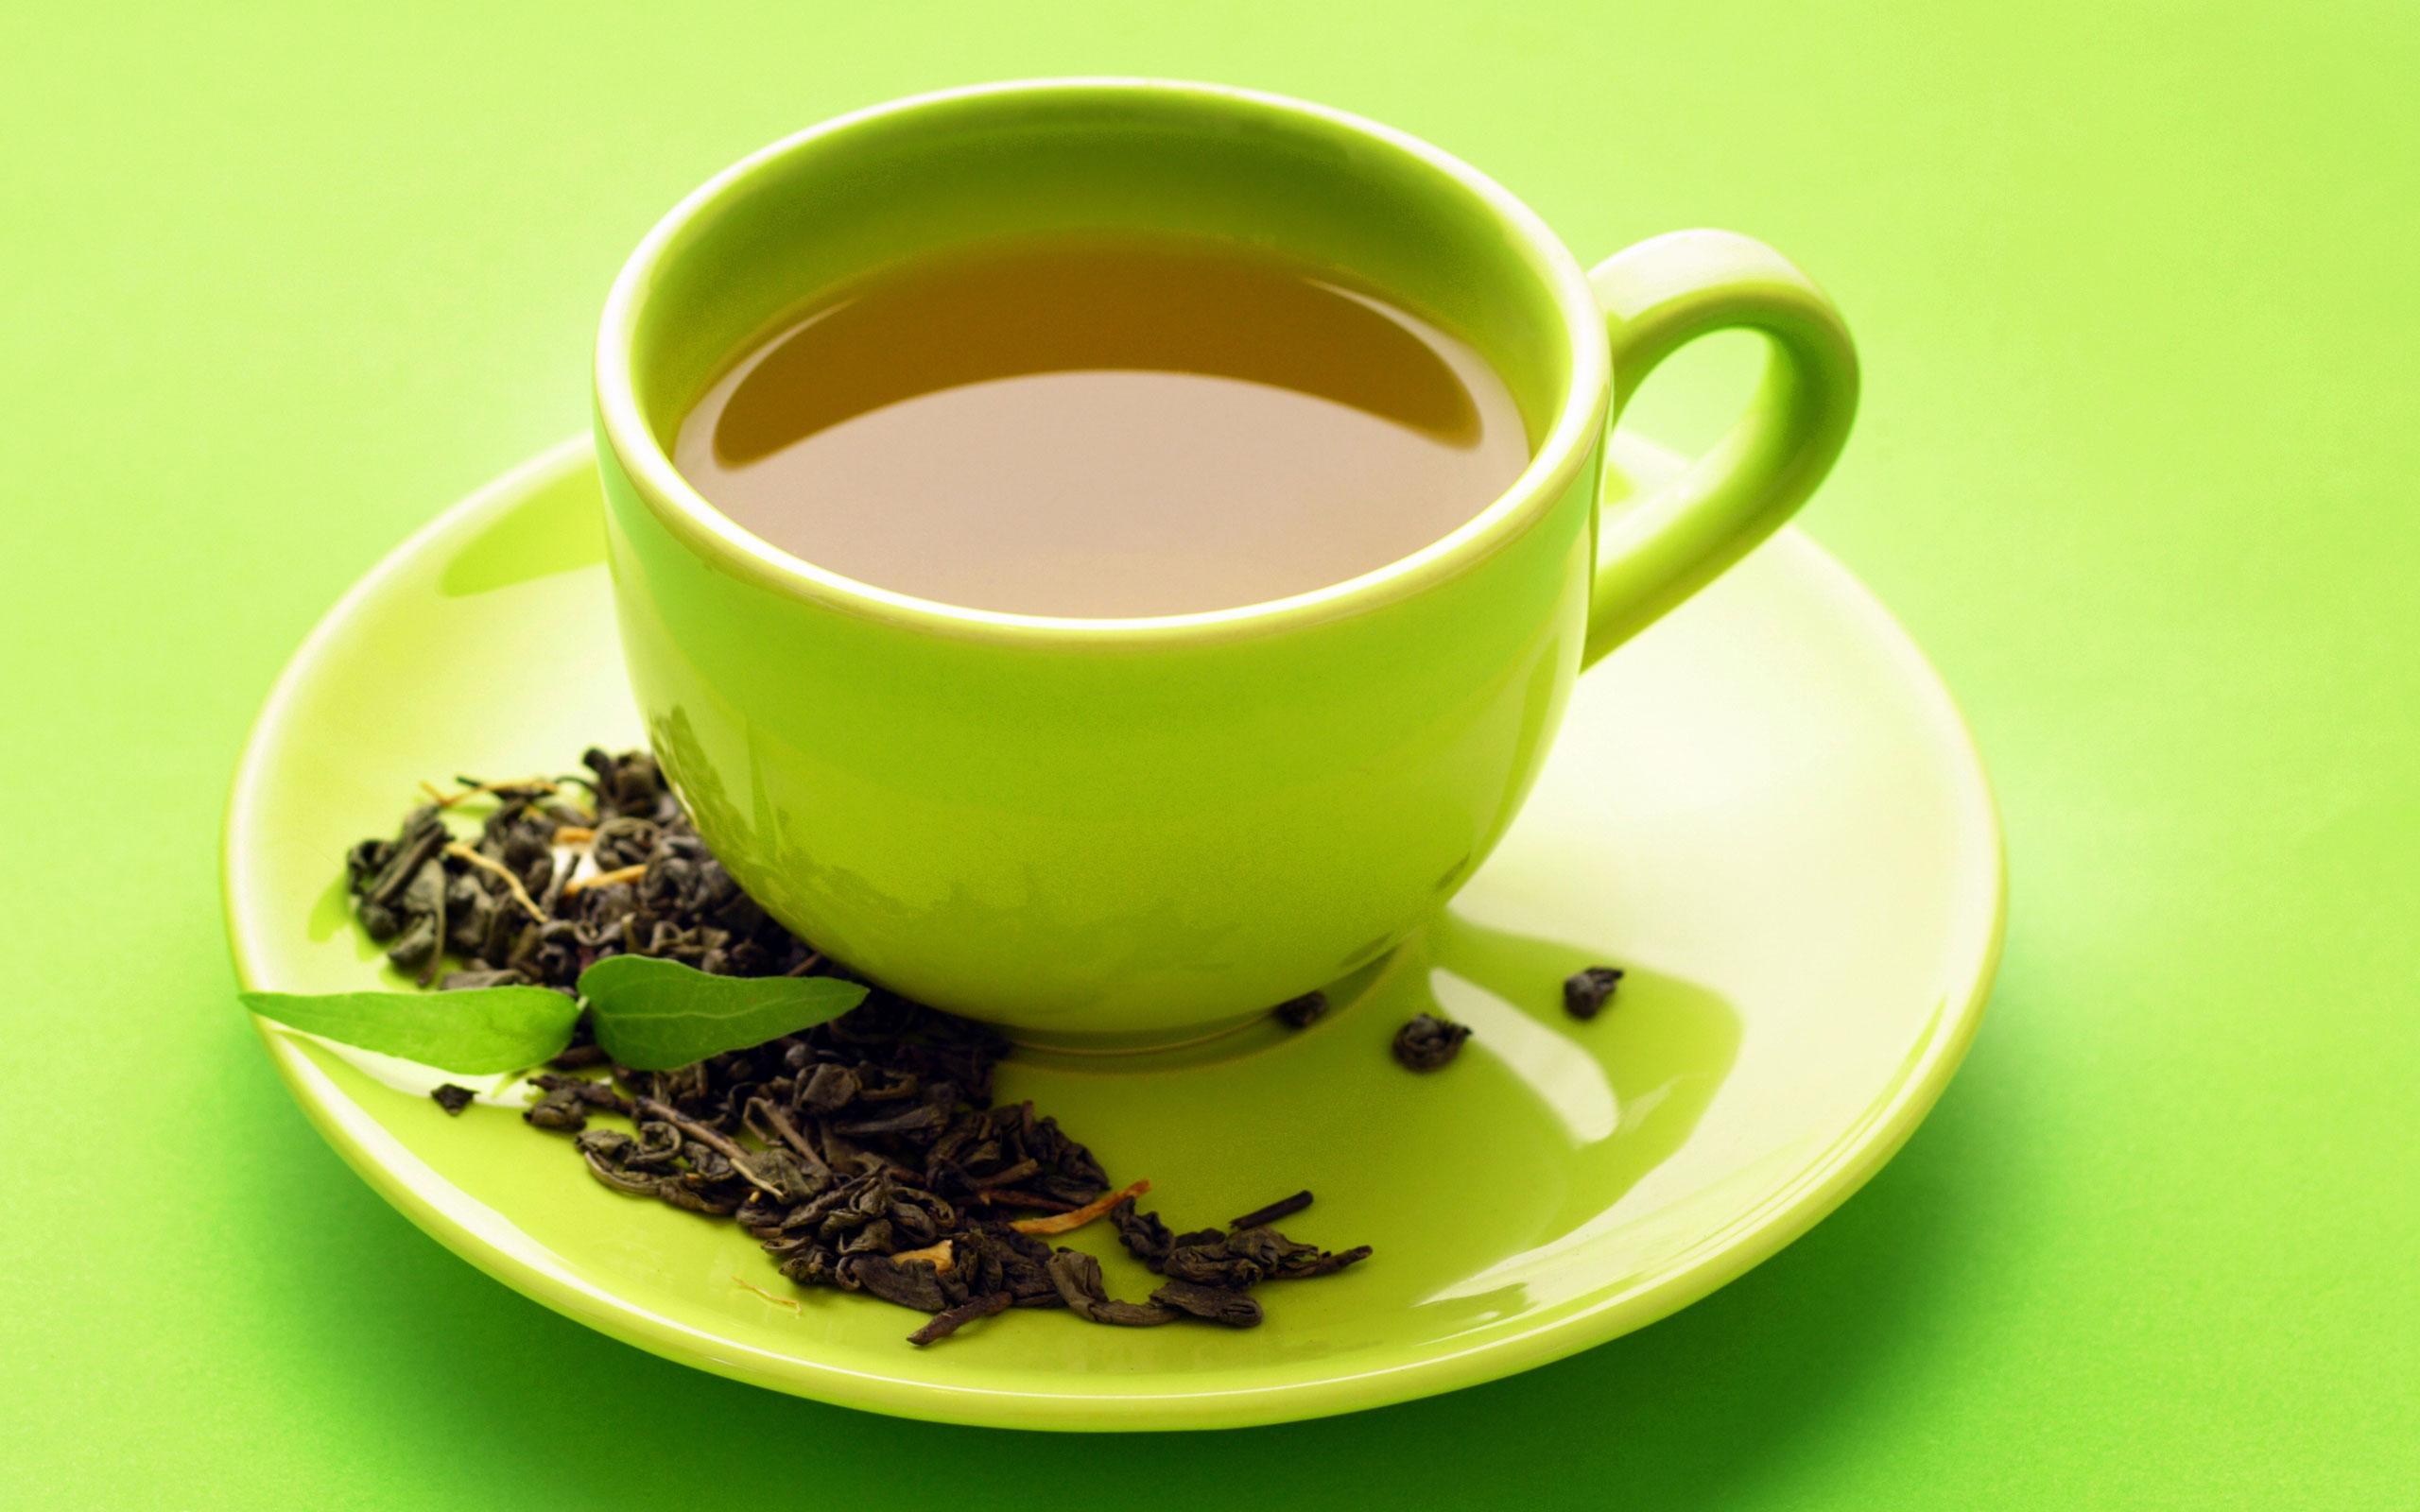 صورة فوائد الياسمين مع الشاي الاخضر , فائدة لا تعرفينها عن الشاي